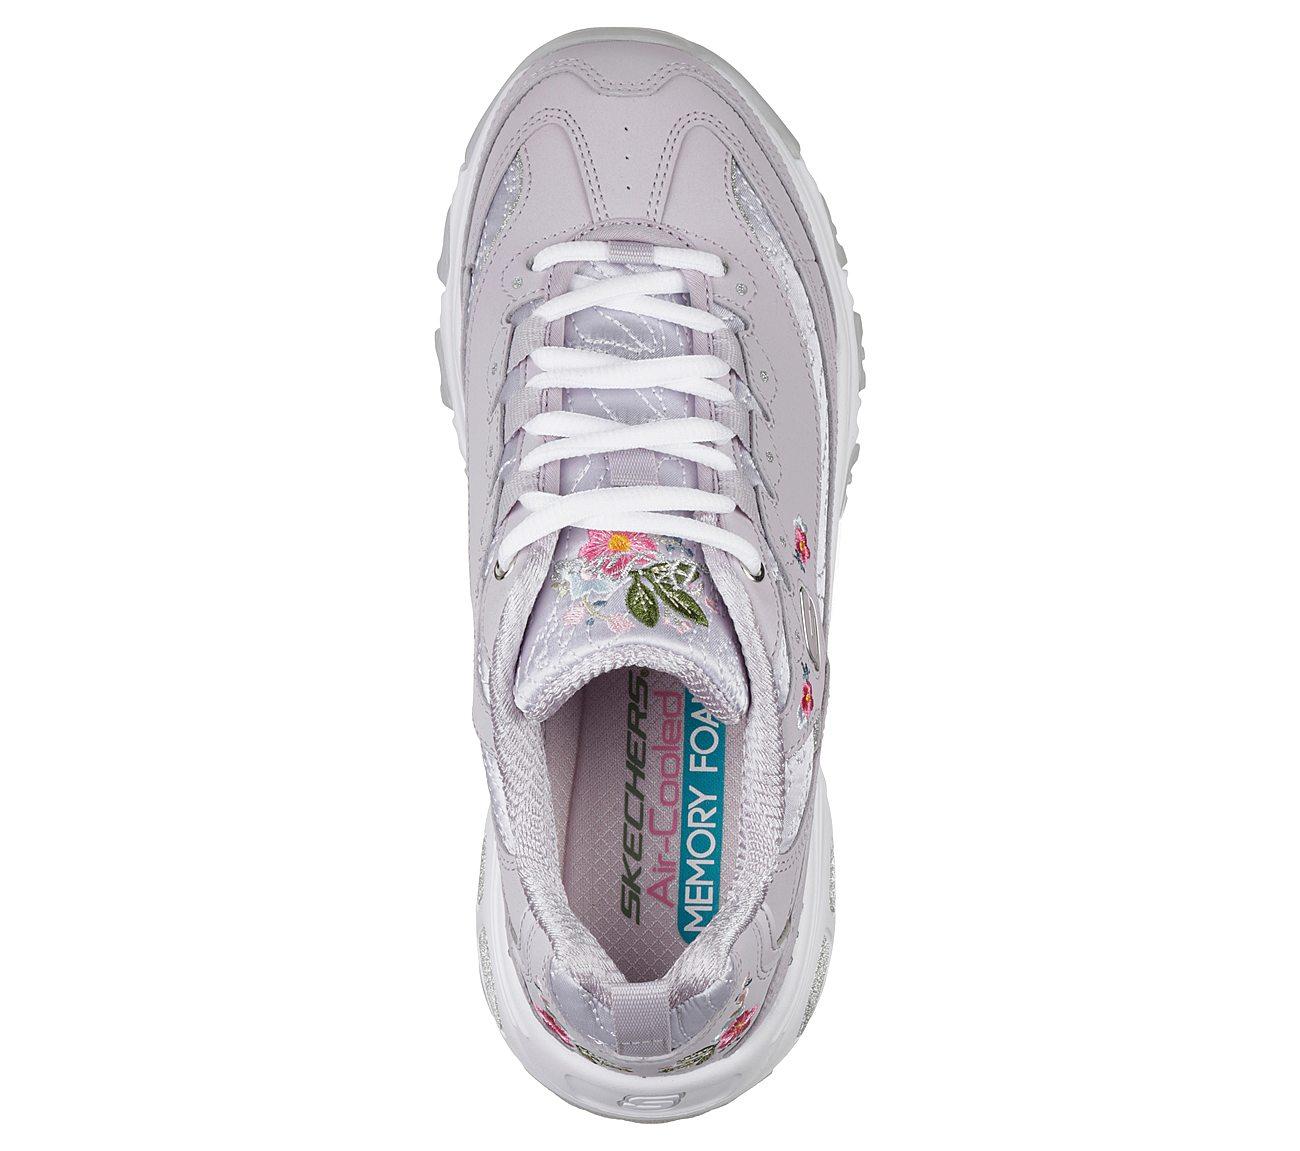 7819e6688ea Buy SKECHERS D Lites - Bright Blossoms Skechers D Lites Shoes only ...